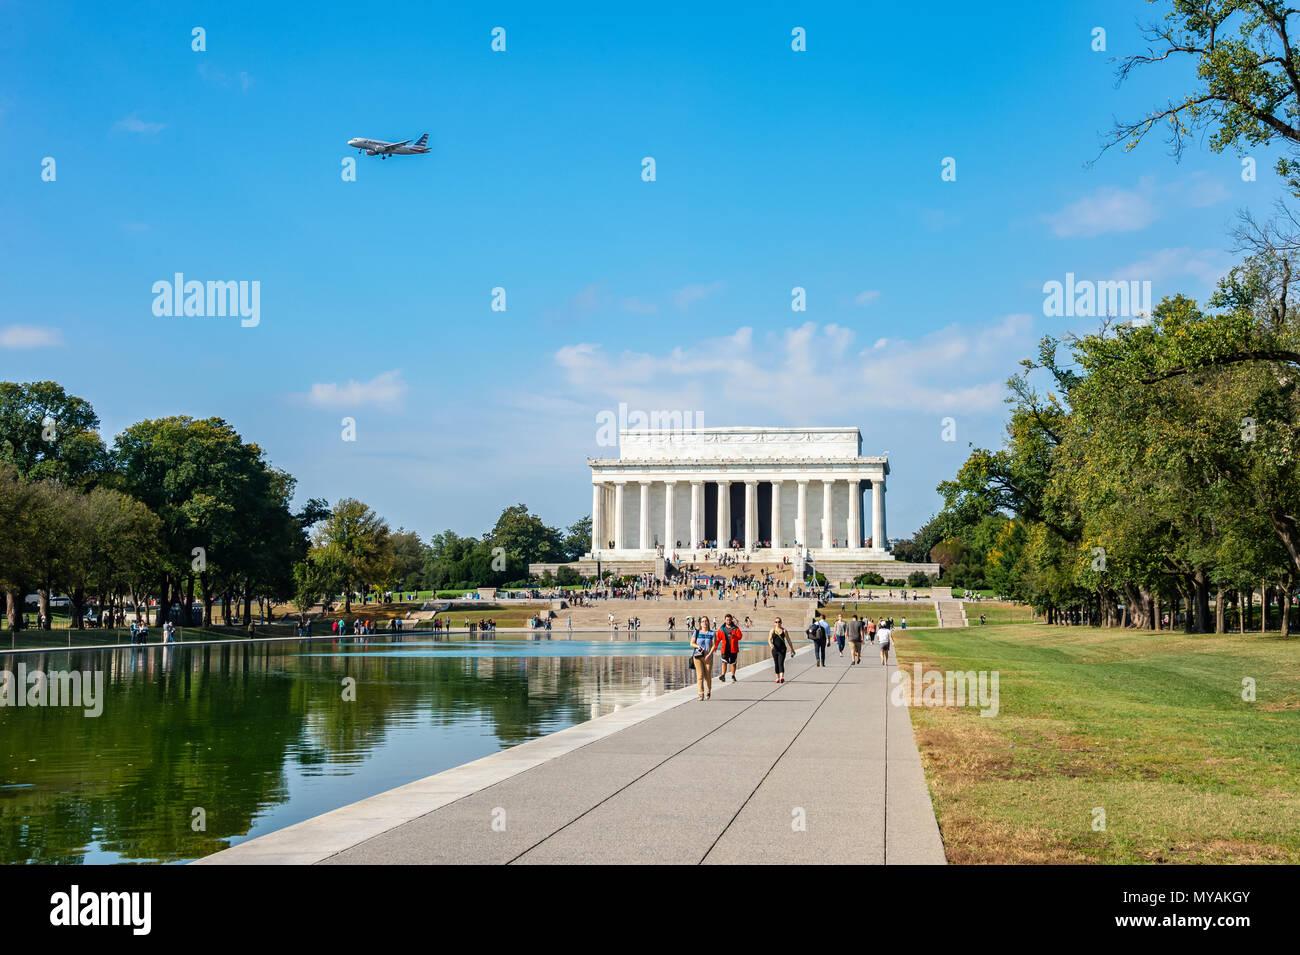 Washington, D.C., octubre de 2016: un avión rumbo a Aeropuerto Nacional Reagan flota sobre el Lincoln Memorial en una fresca mañana de otoño Imagen De Stock